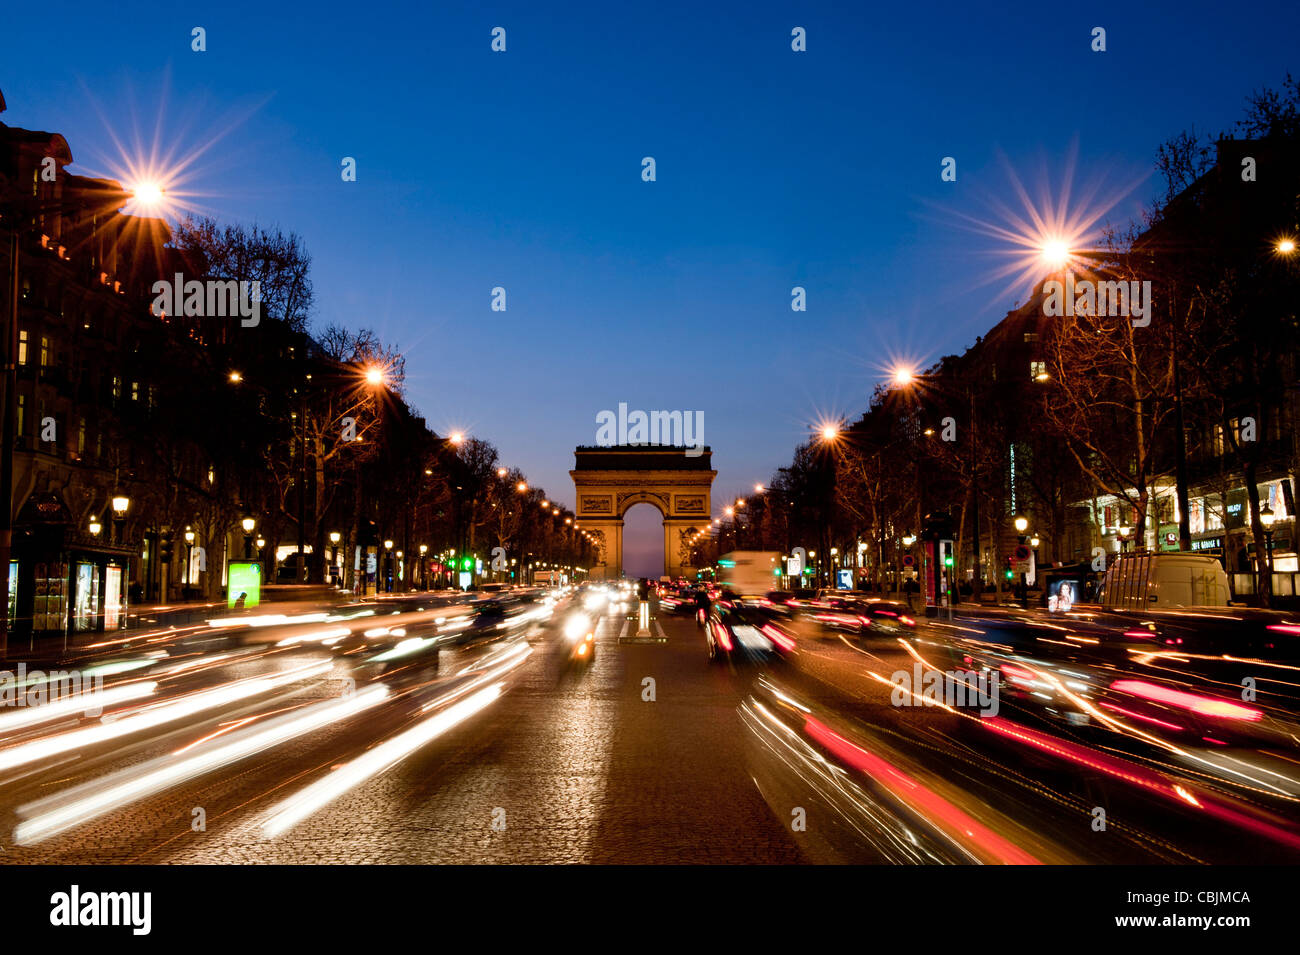 Eine Weitwinkelansicht Wanderwege Arc de Triomphe von Champs Elysees während des Abends, mit Licht aus dem Stockbild